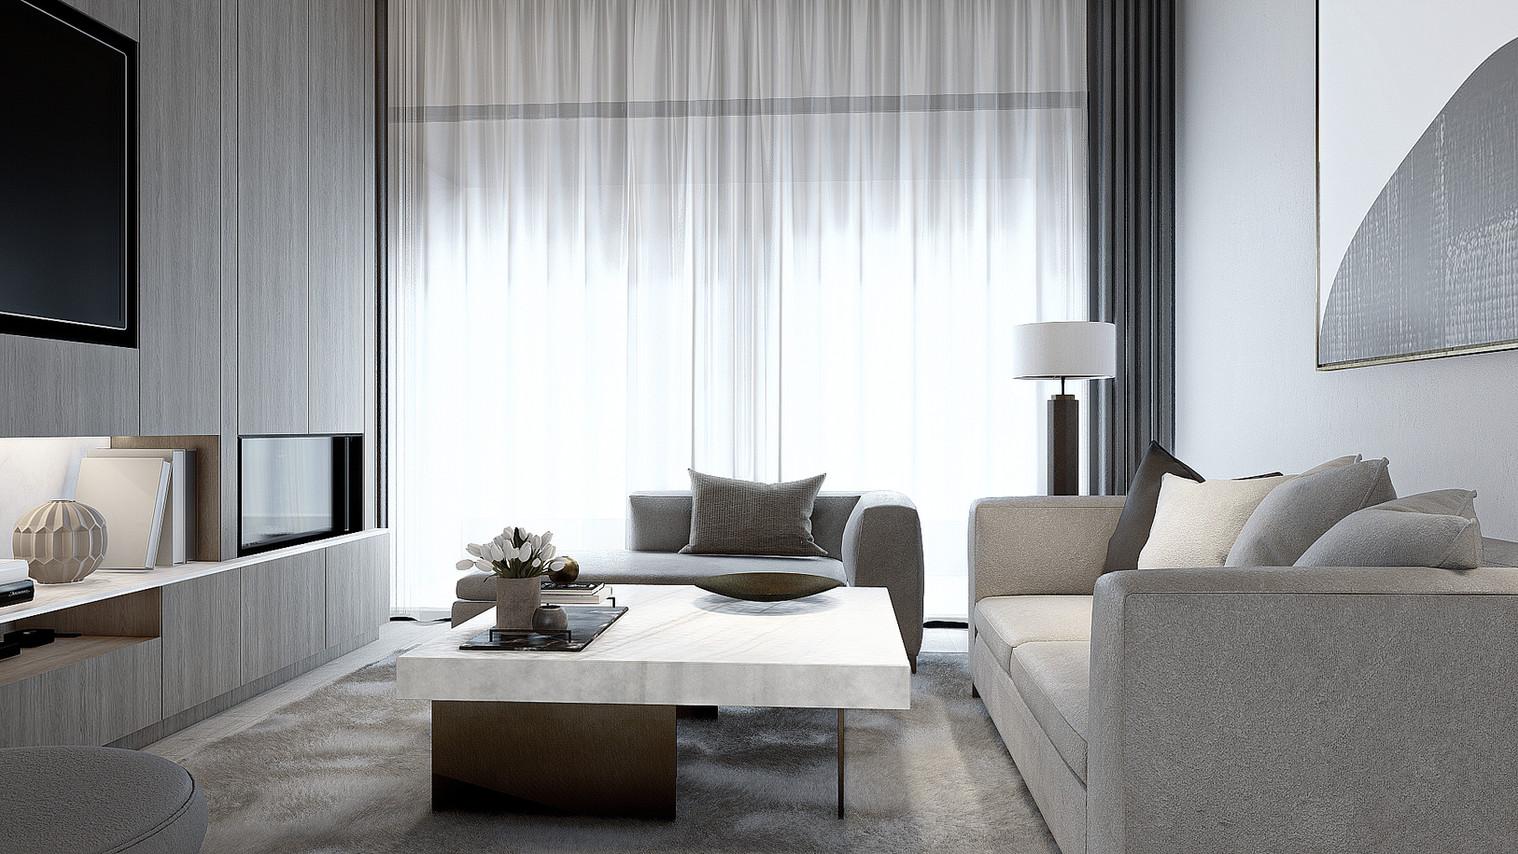 Arkhagha Residence First floor - Living